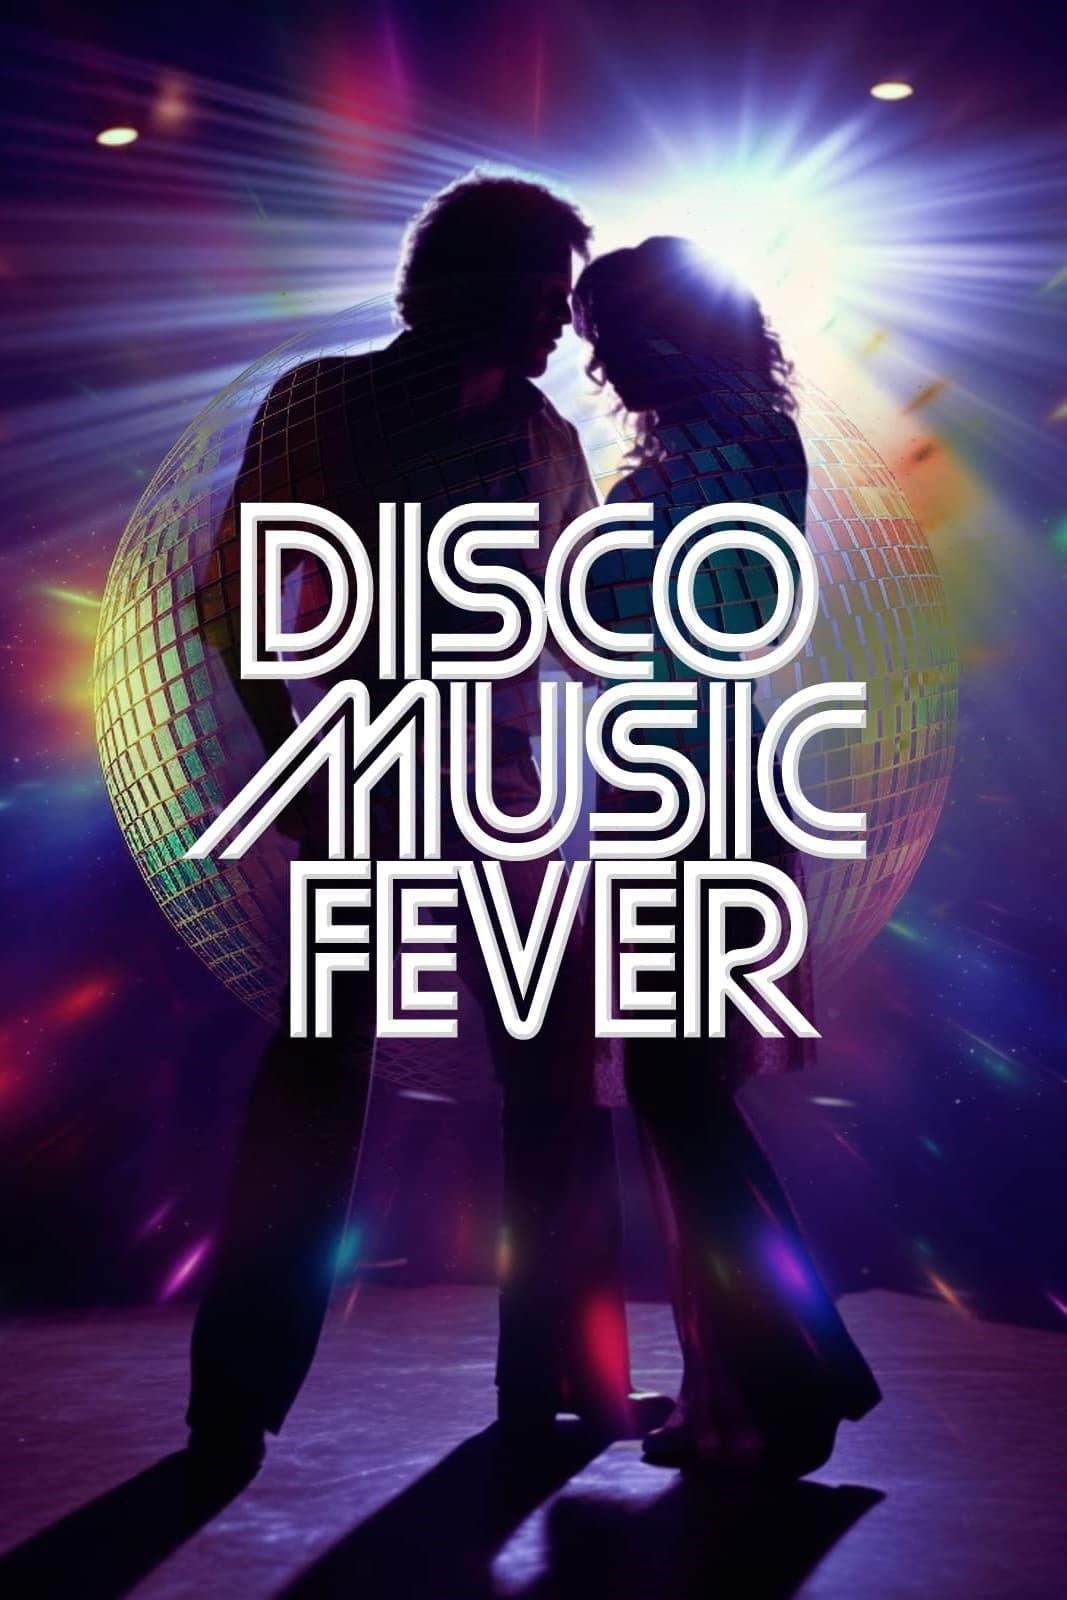 Disco Music Fever